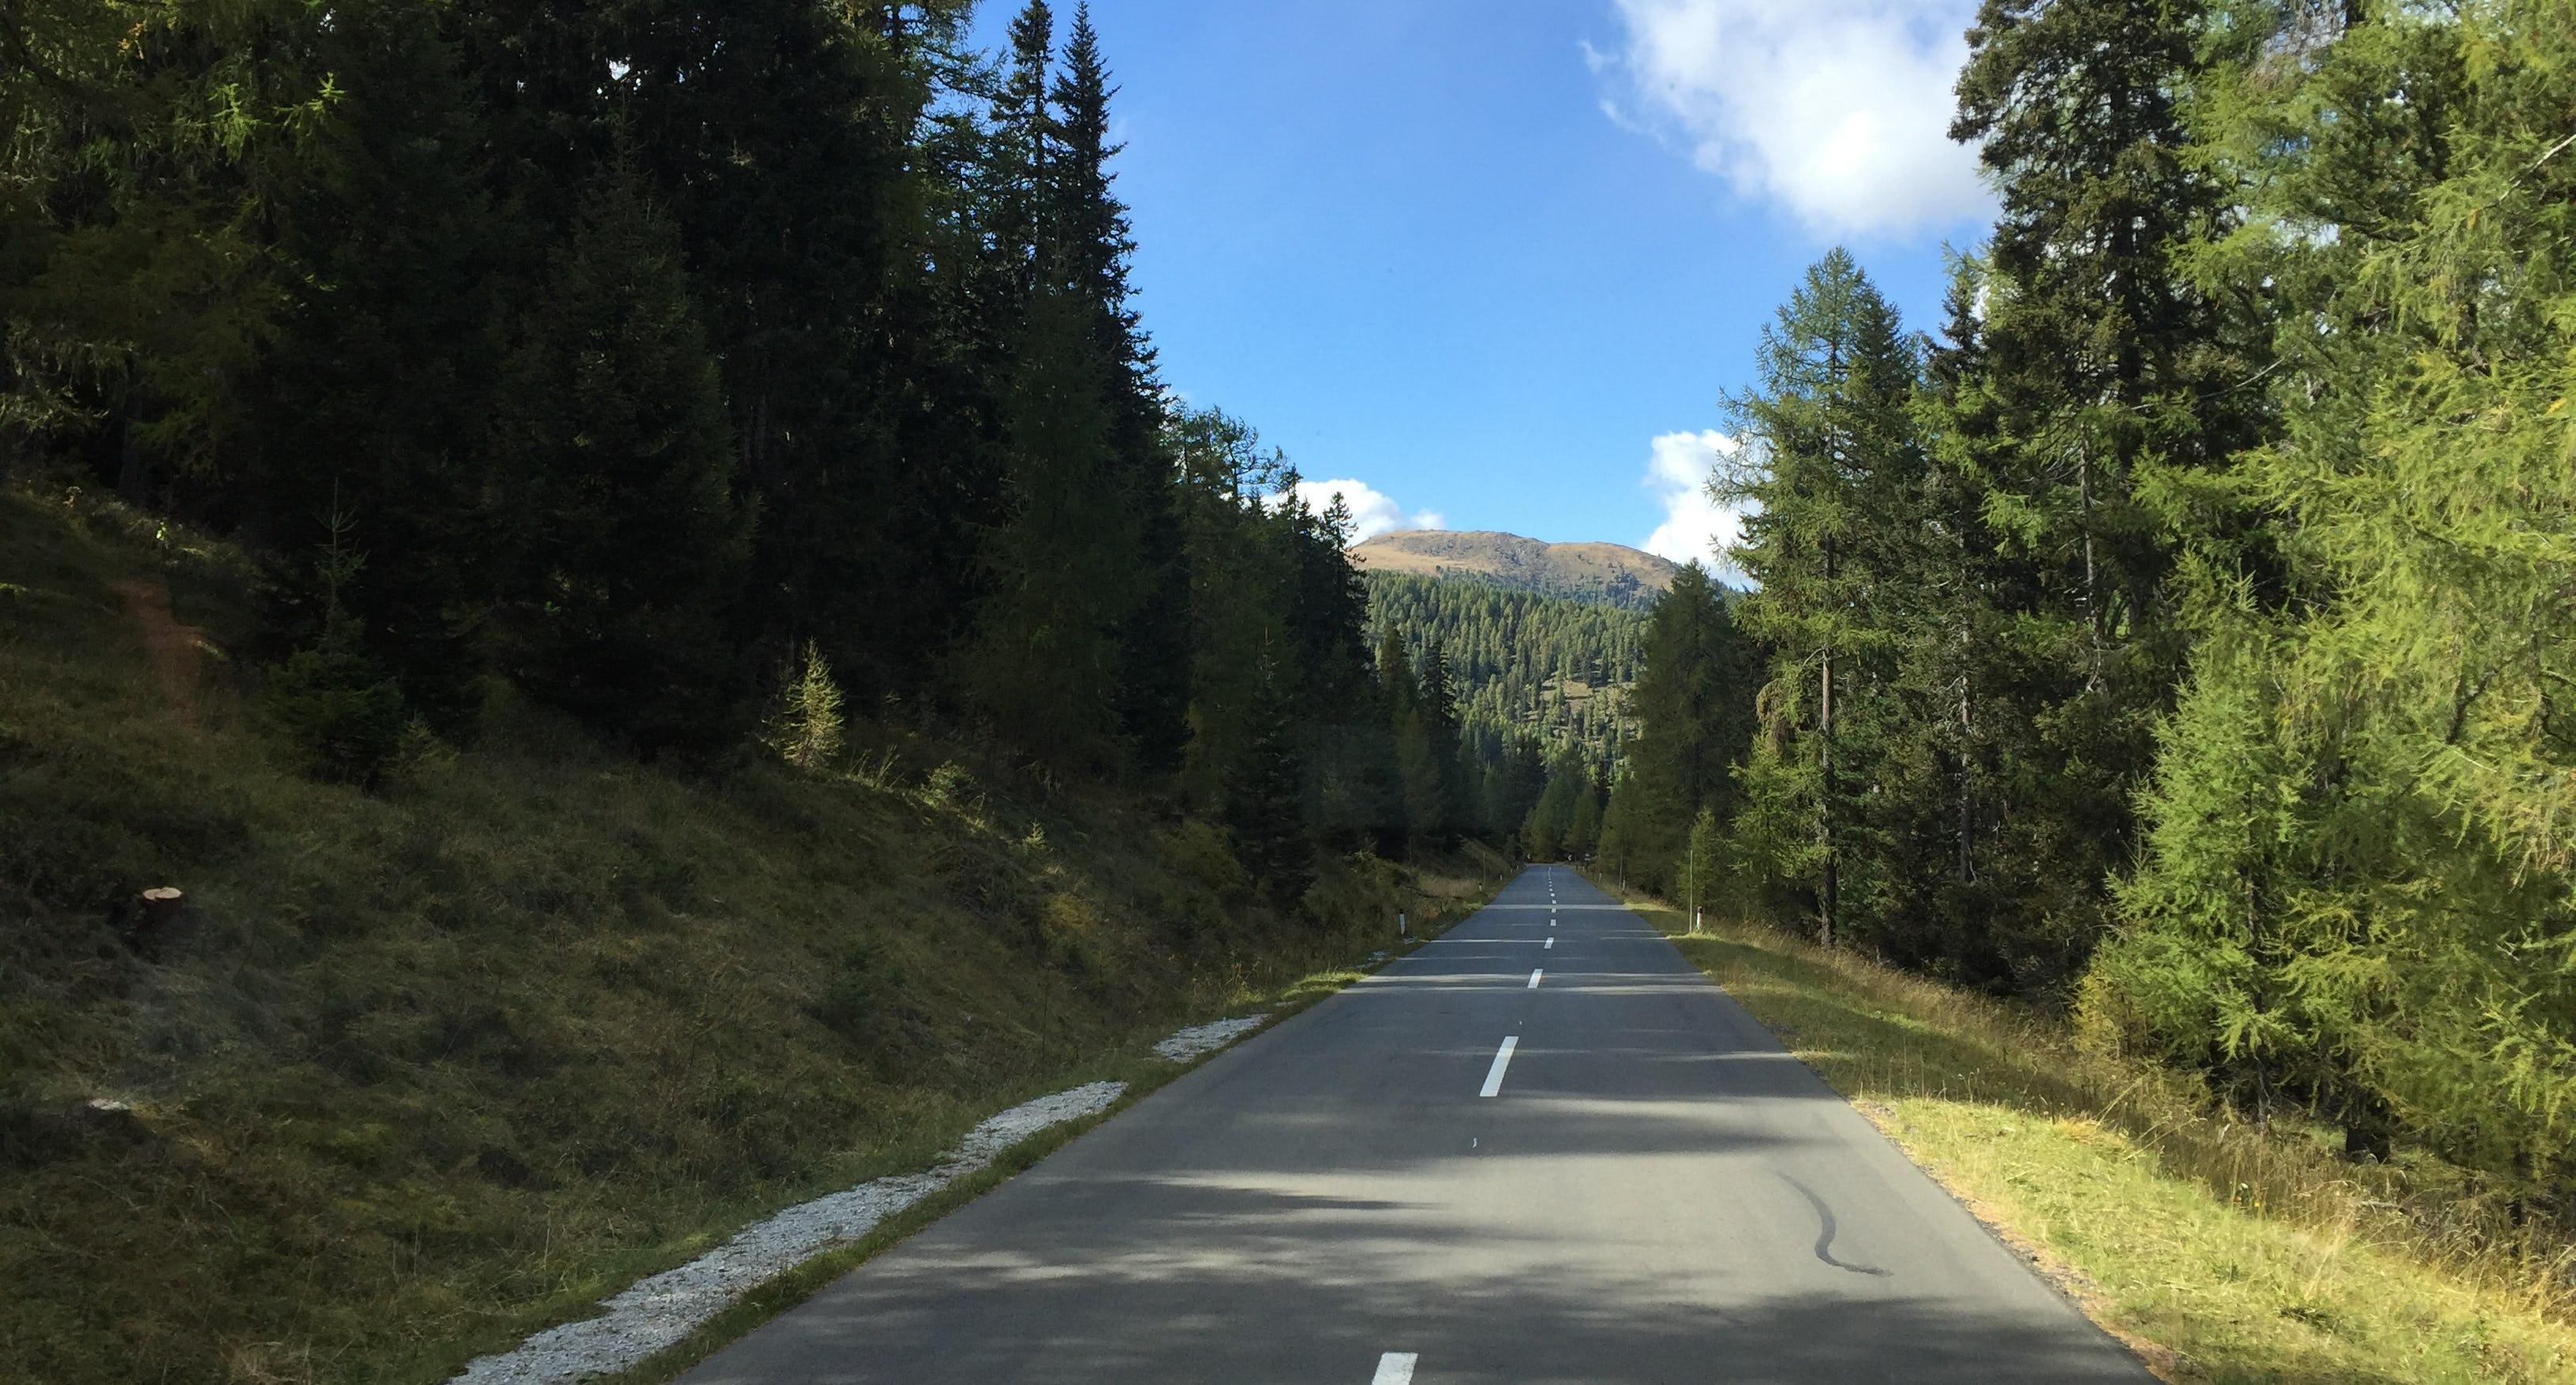 Carfahrt Strasse Weissensee